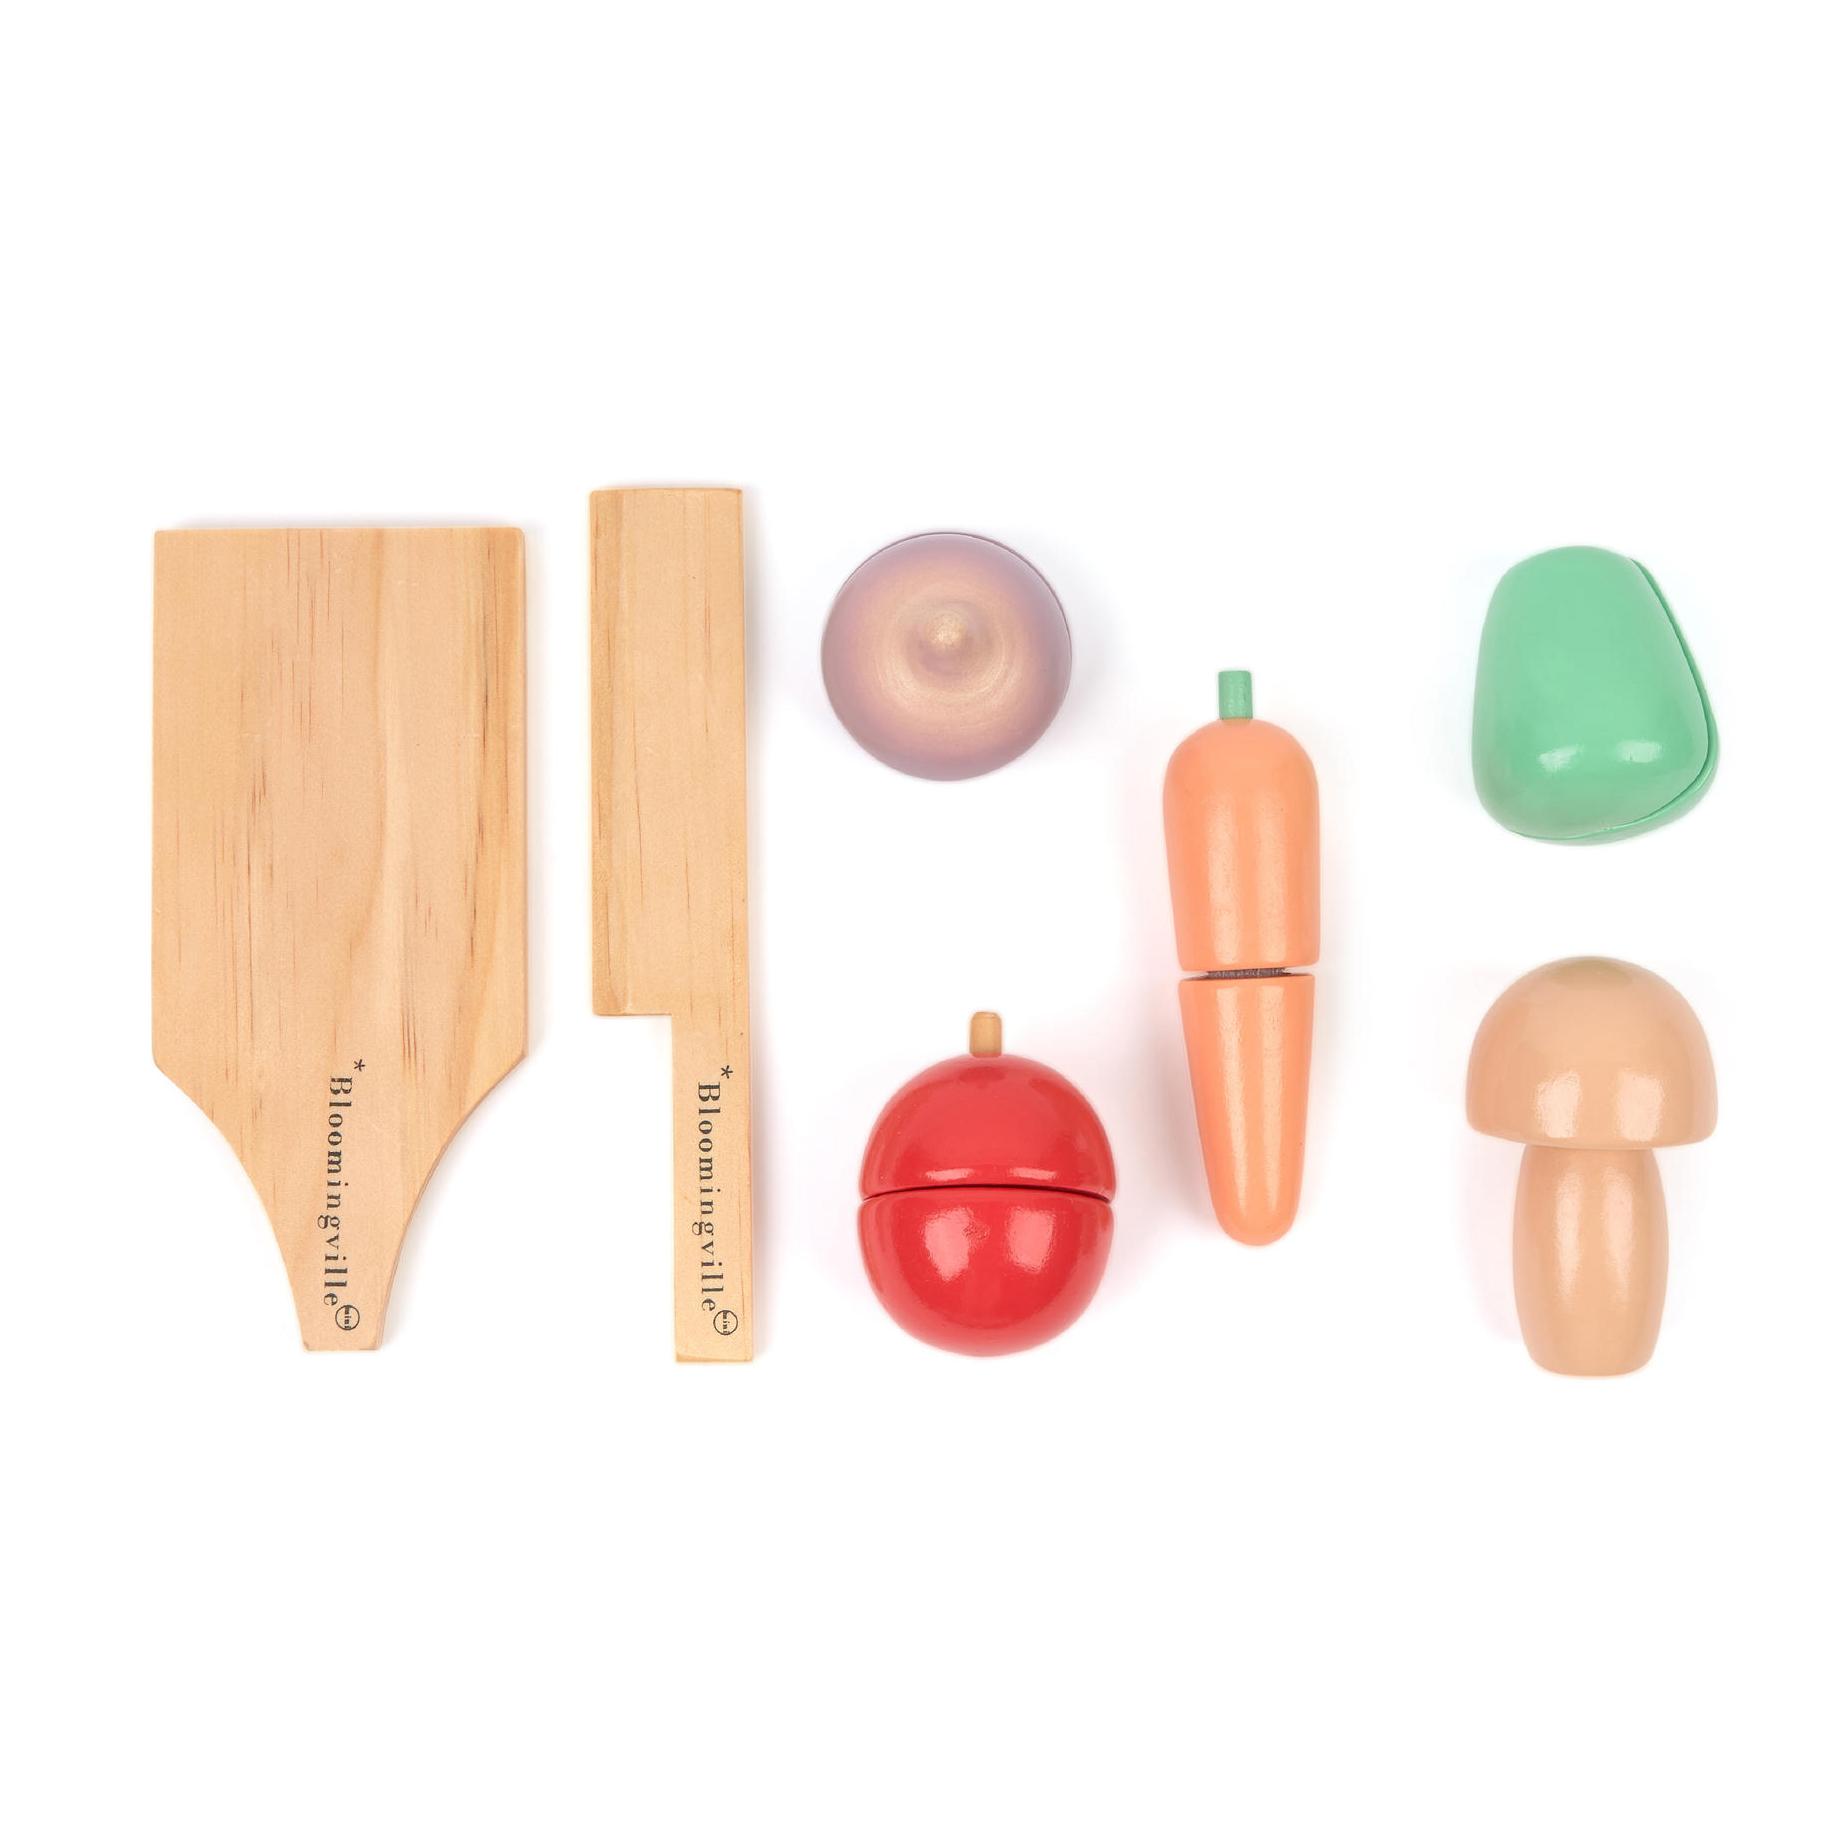 bloomingville-set-decoupe-bois-wooden-toys-jouets-melijoe-soldes